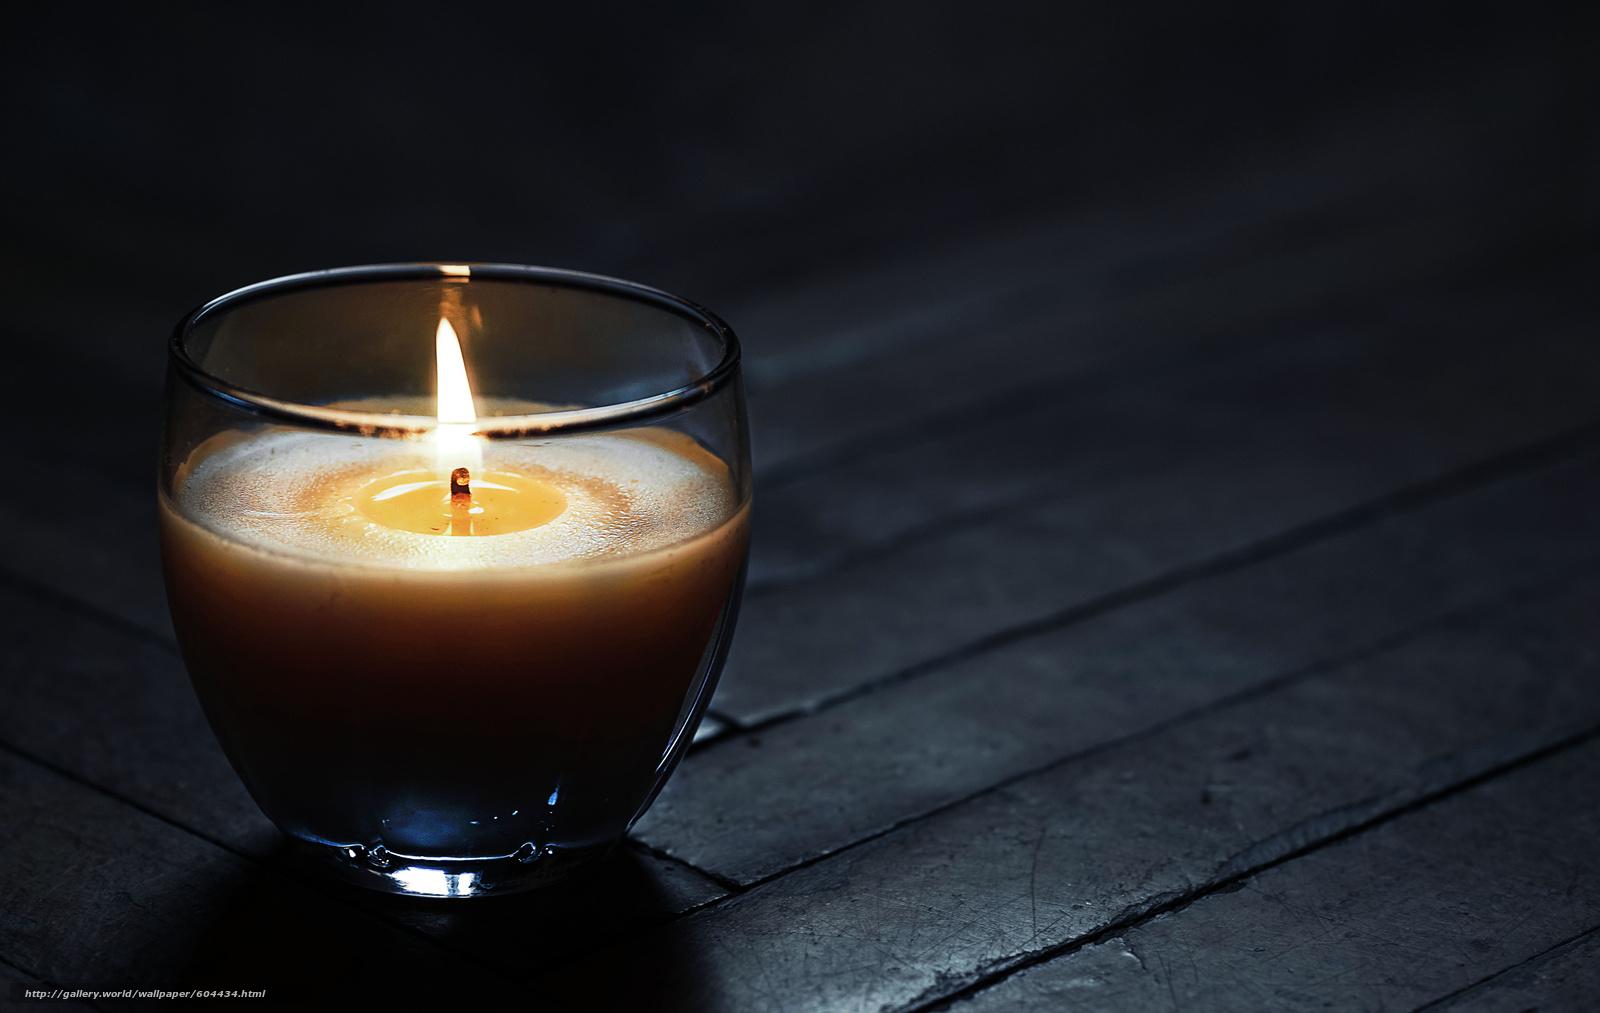 свеча, темнота, черный, серый, пламя, воск